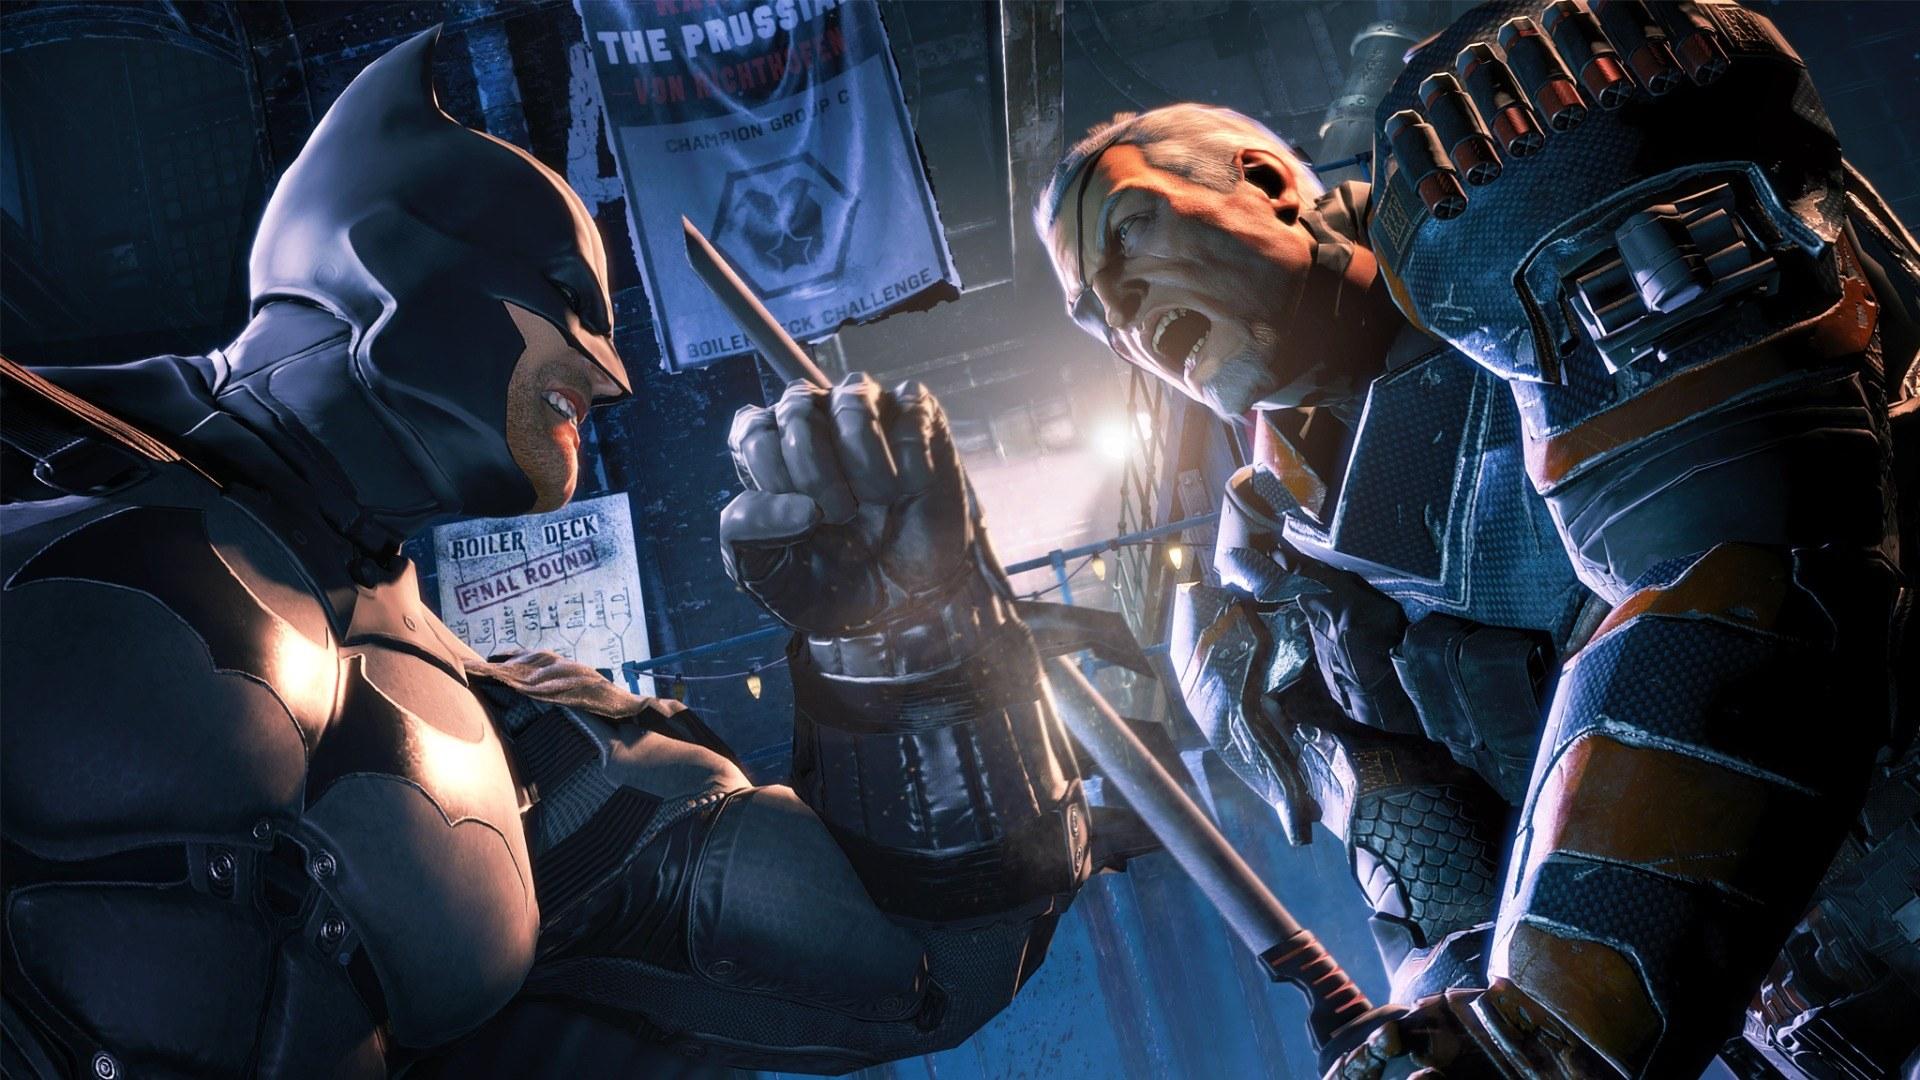 Deathstroke fights Batman in Arkham Origins